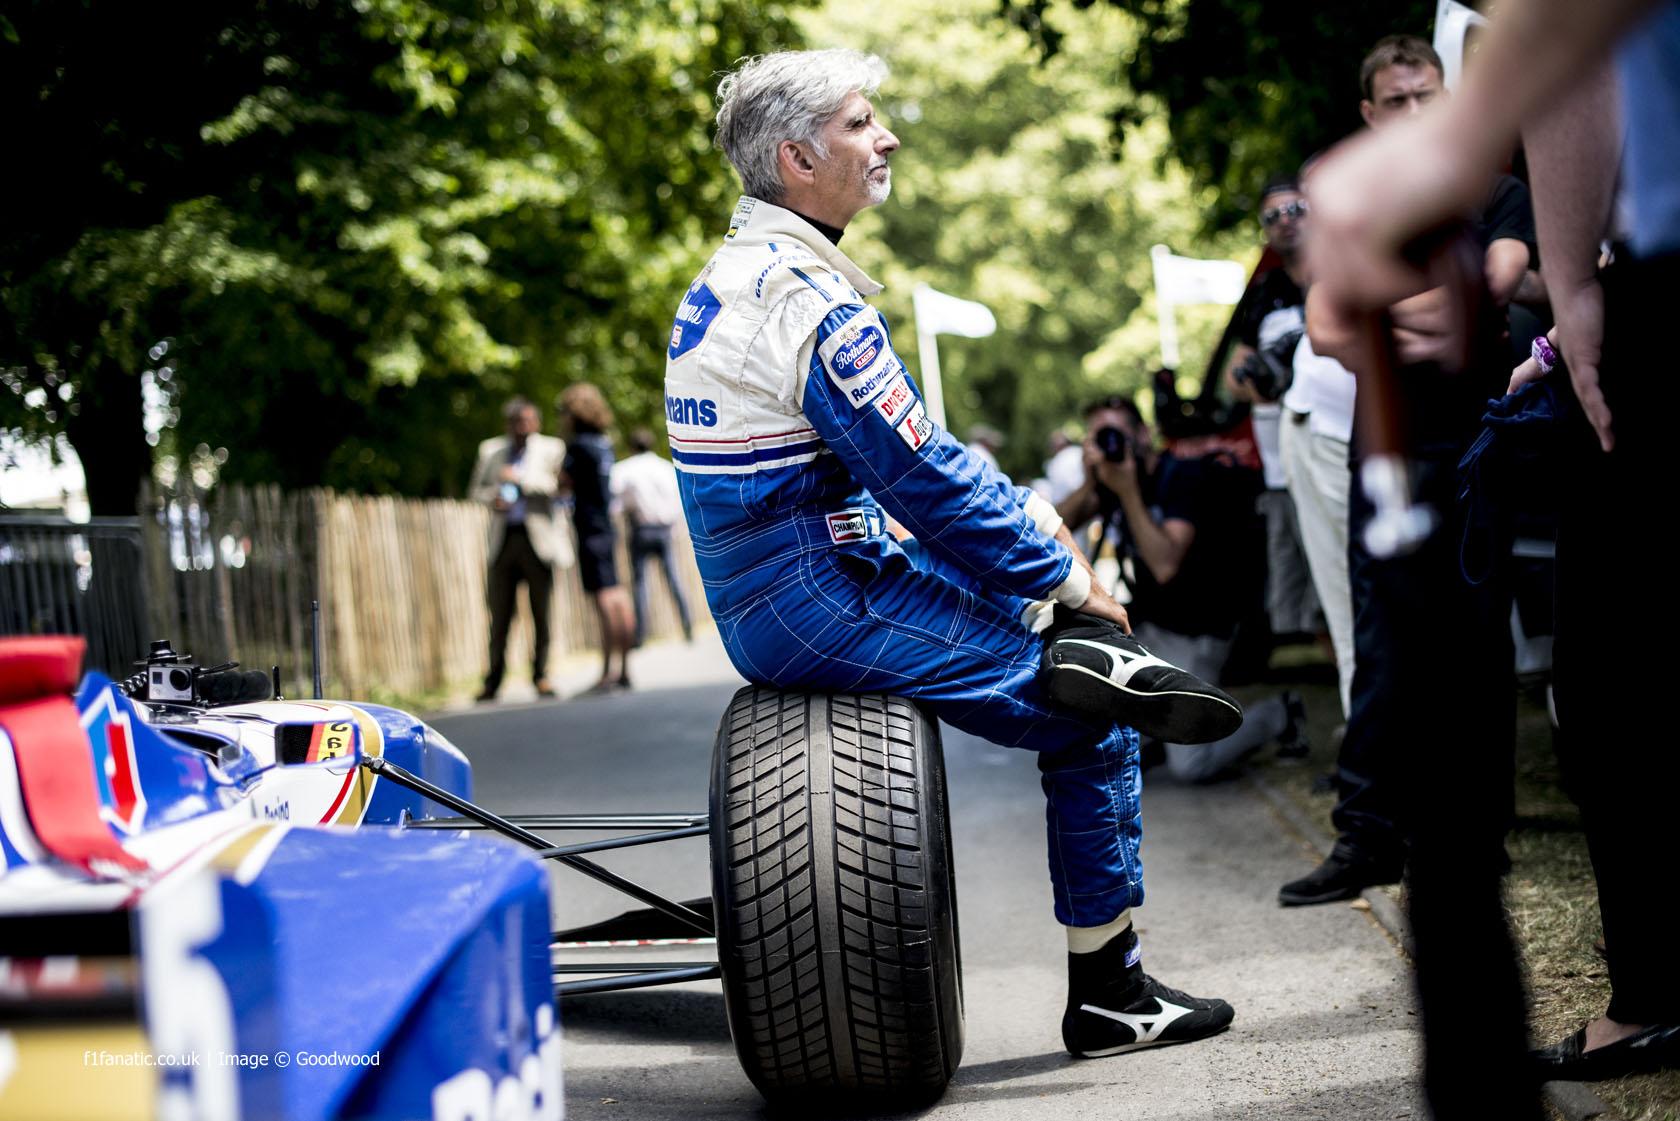 Damon Hill (2), Goodwood Festival of Speed, 2014